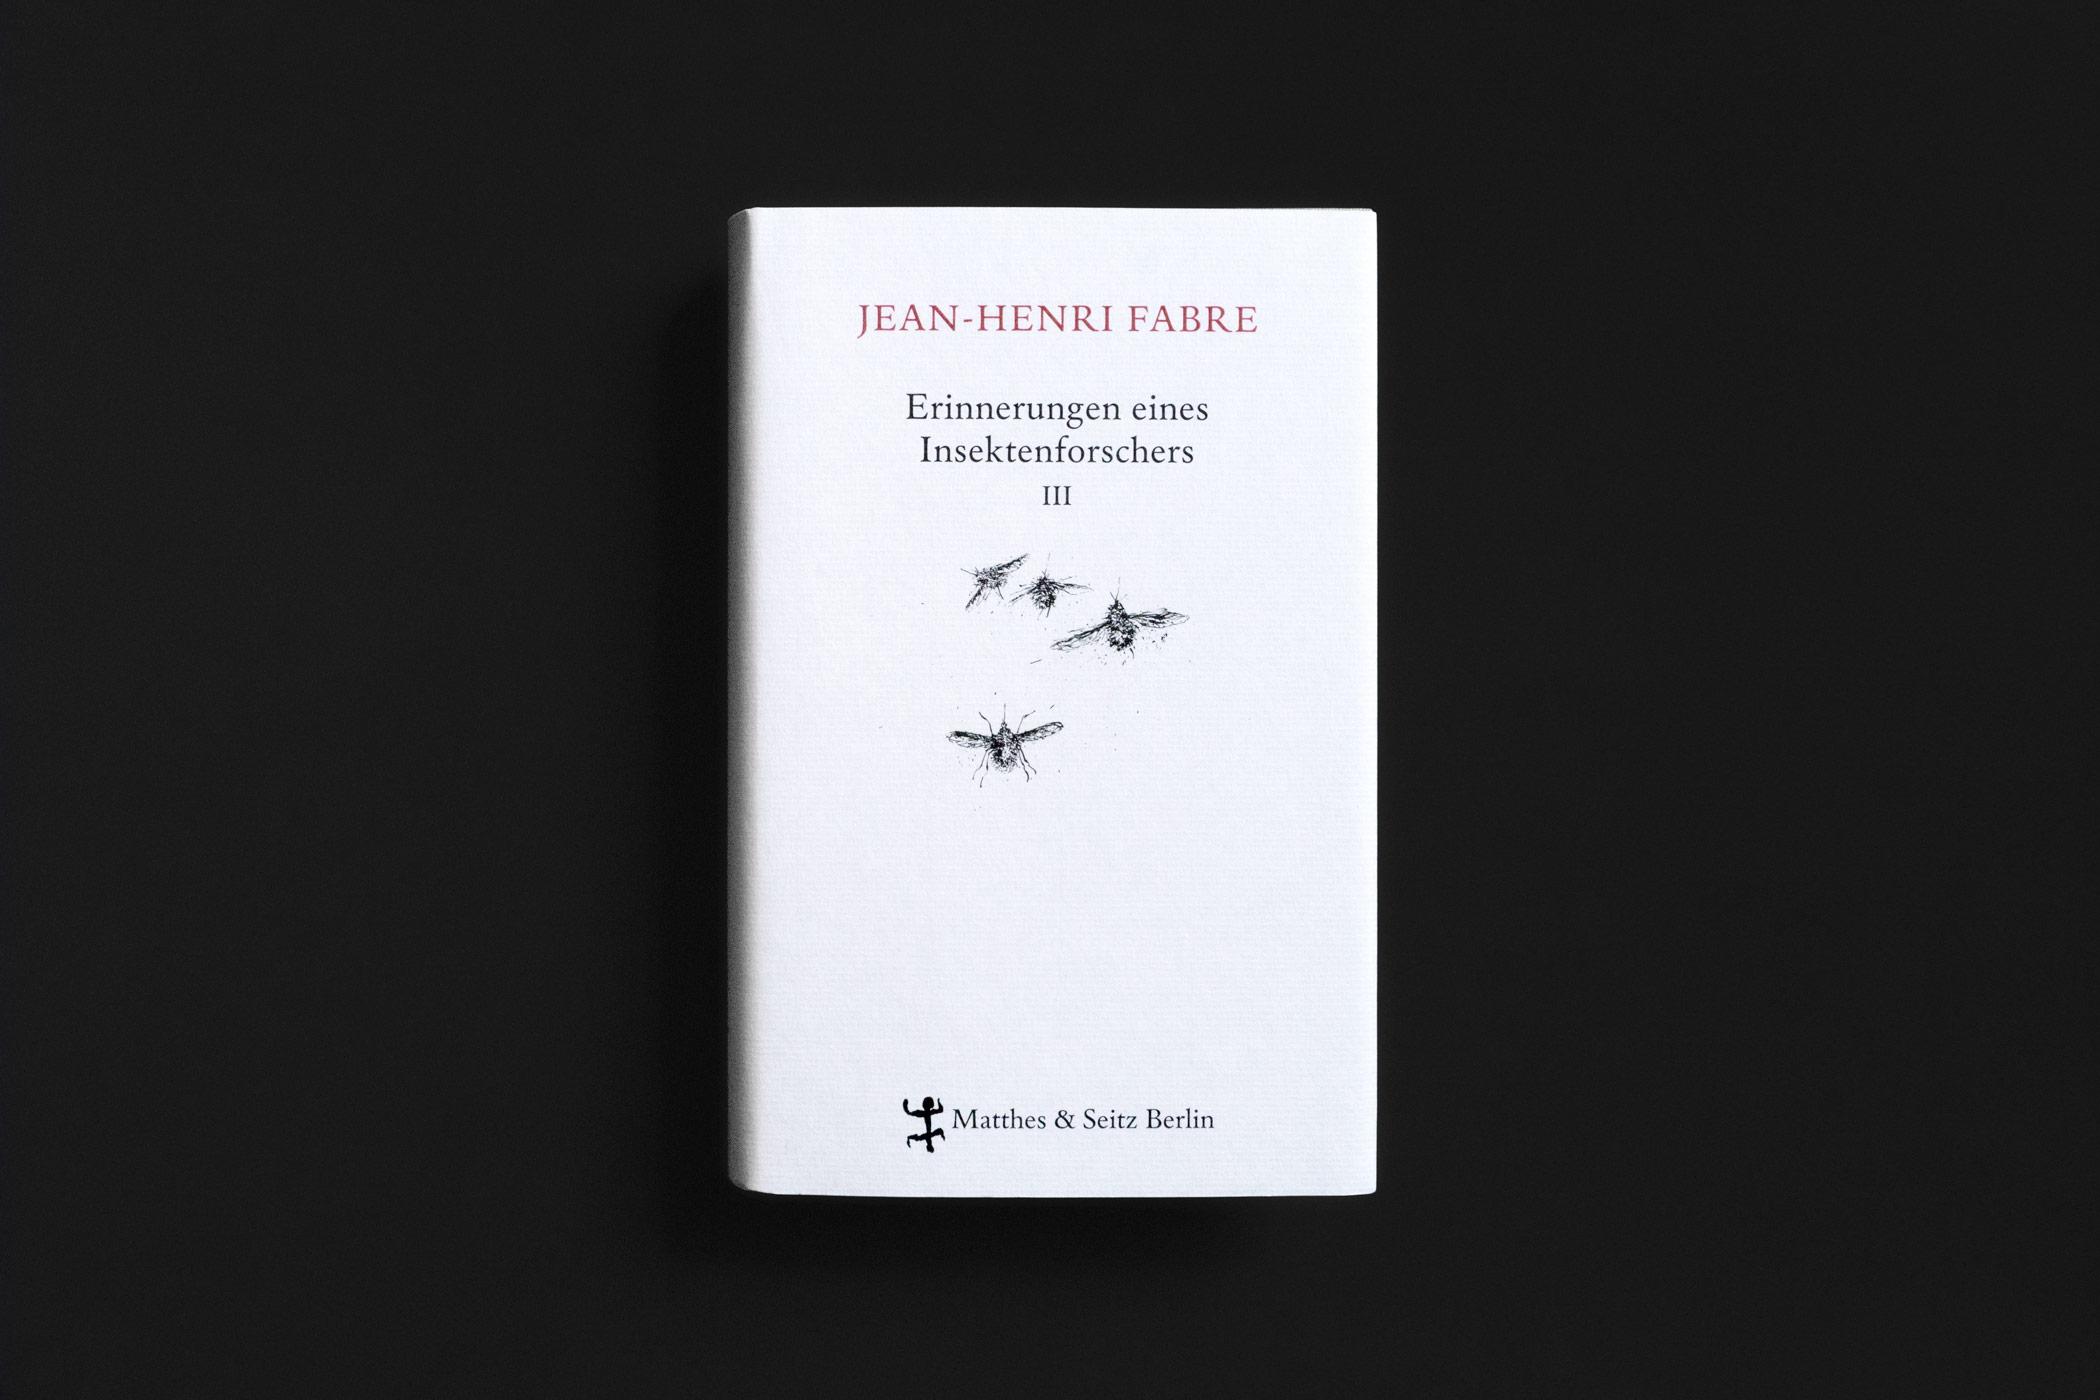 """Das Buch """"Erinnerungen eines Insektenforschers III"""" von Jean-Henri Fabre erschienen im Verlag Matthes & Seitz Berlin mit Federzeichnungen von Insekten gezeichnet von Christian Thanhäuser am Umschlag und im Innenteil"""